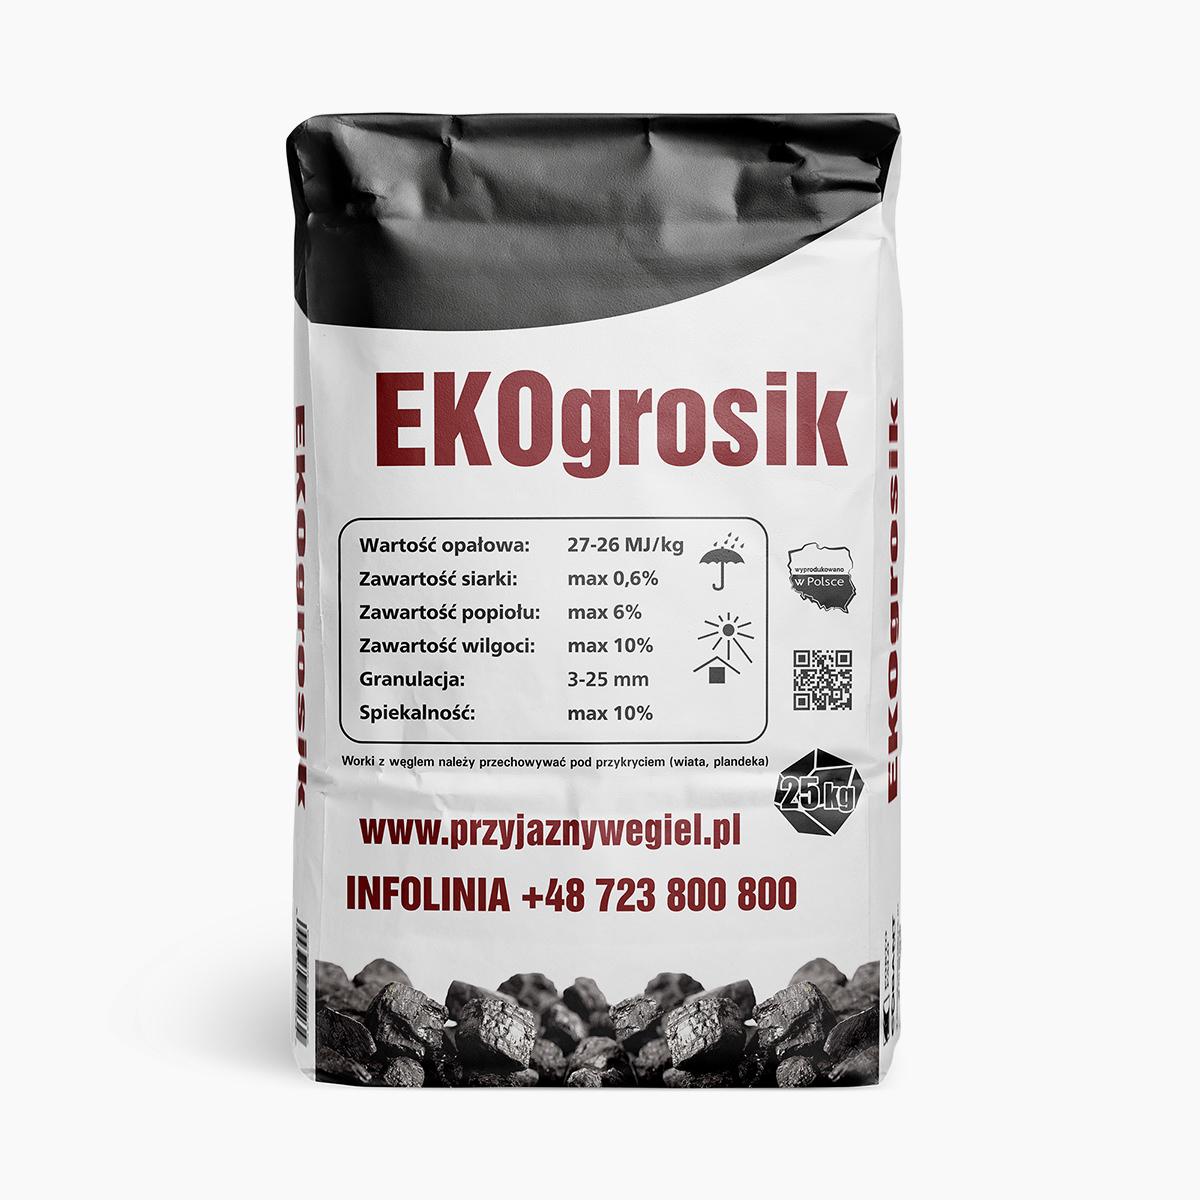 EKOgrosik | Przyjazny Węgiel - sklep online z ekologicznym opałem